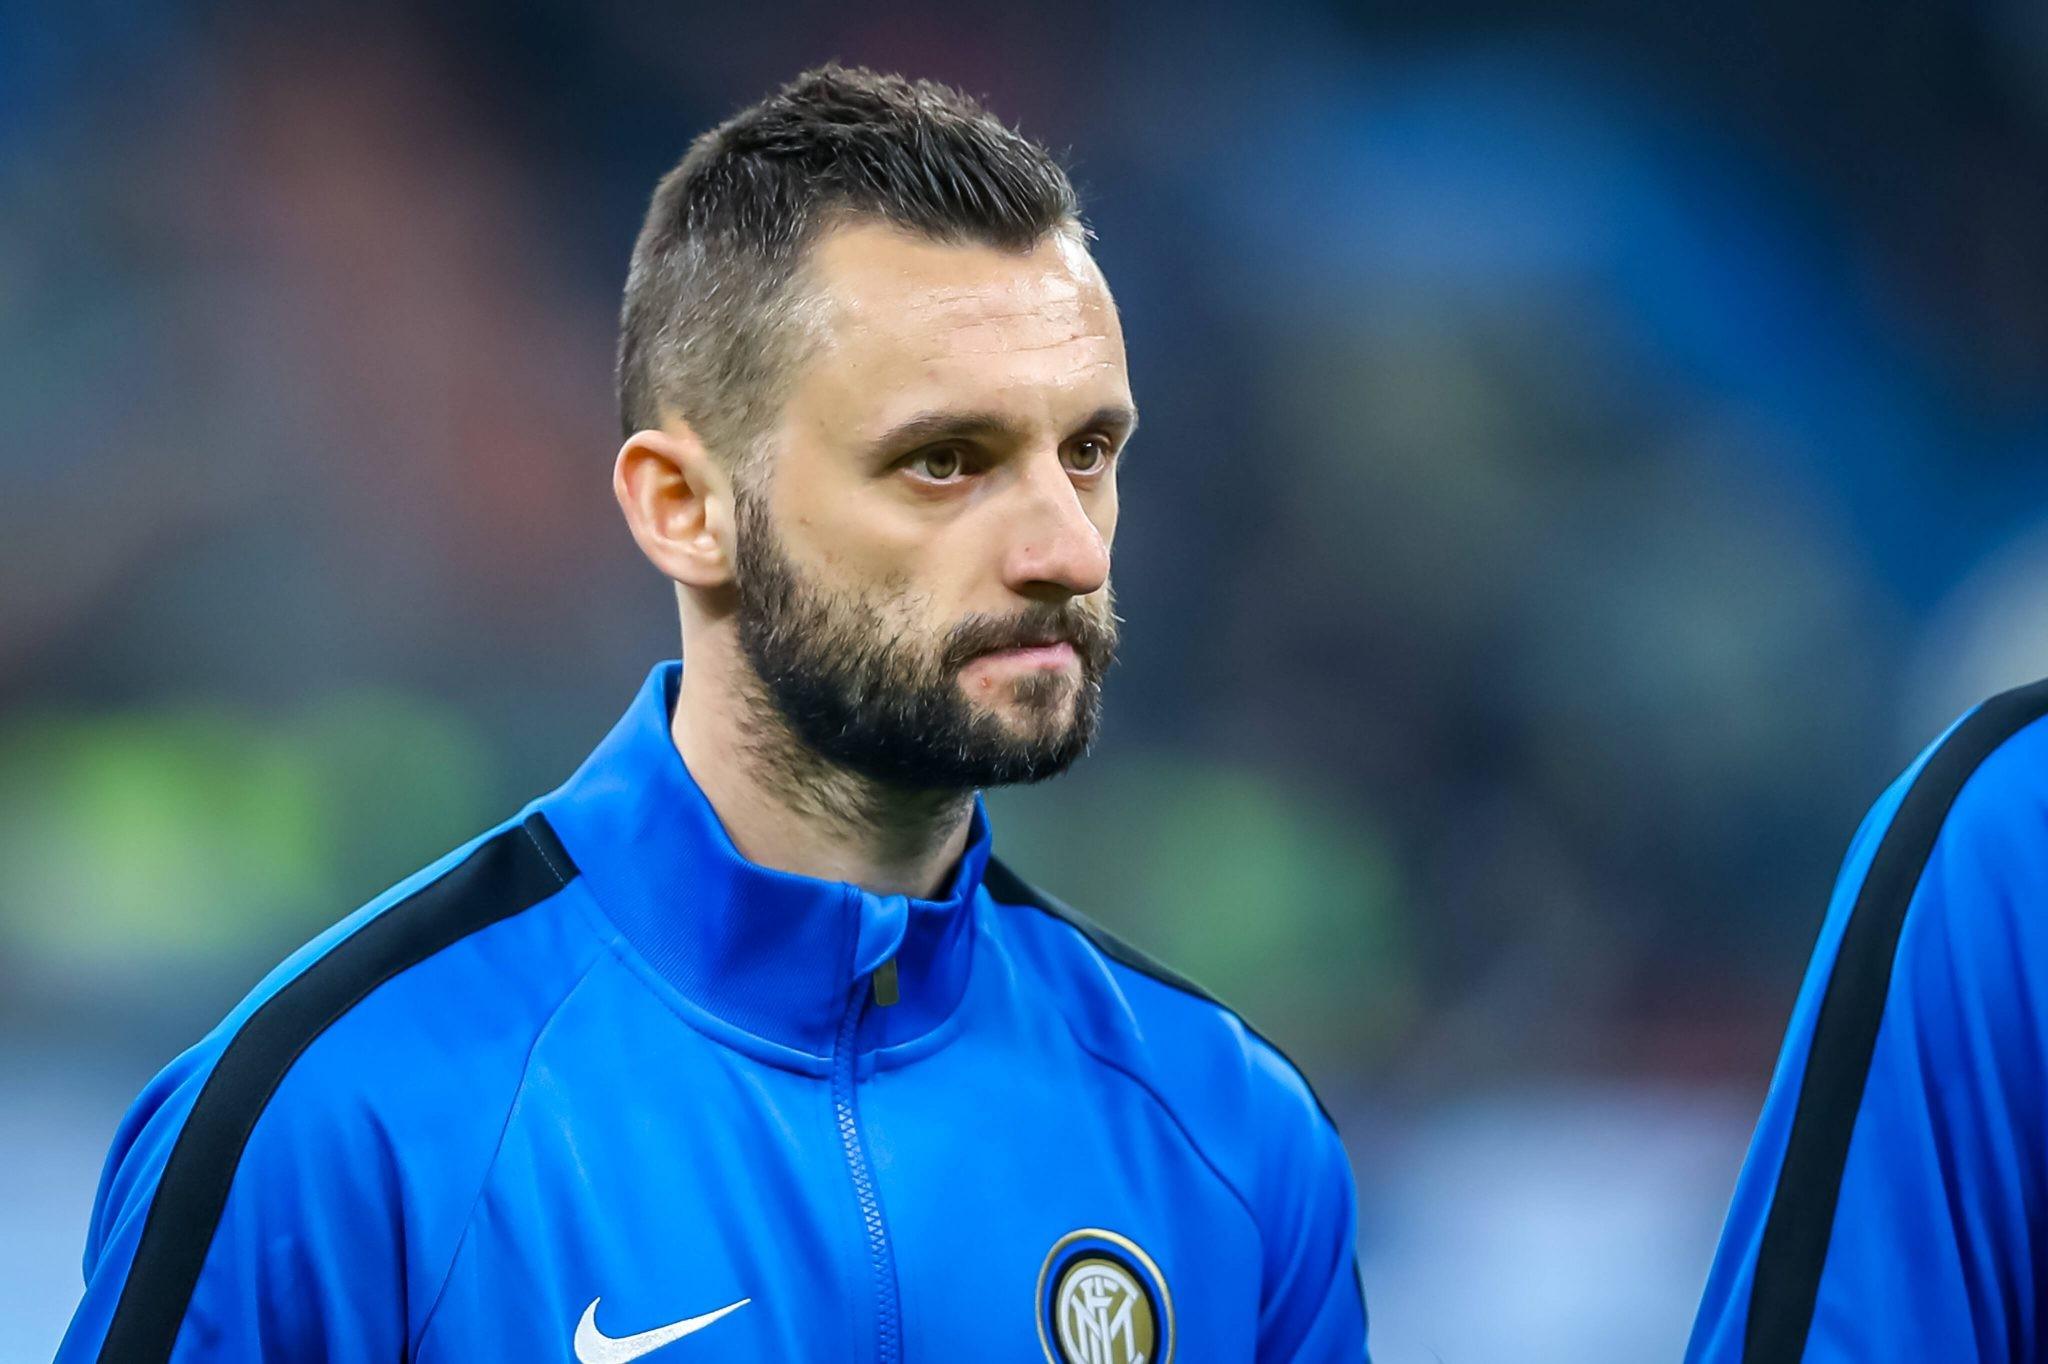 布罗佐维奇与国际米兰的合同将在下赛季完毕后到期